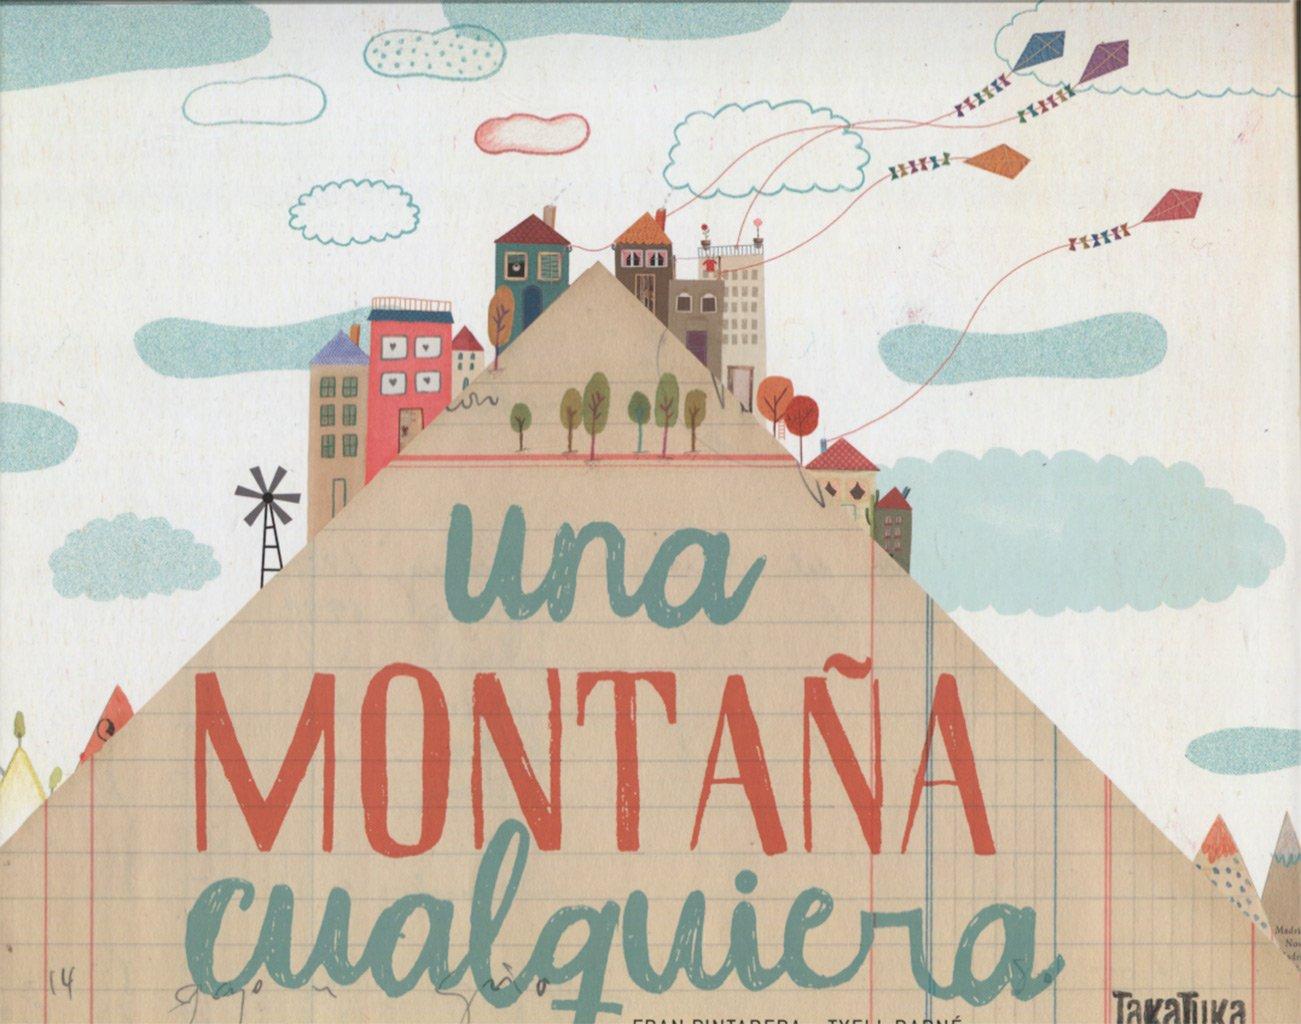 Una montaña cualquiera: Amazon.es: Pintadera, Fran, Darné, Txell: Libros